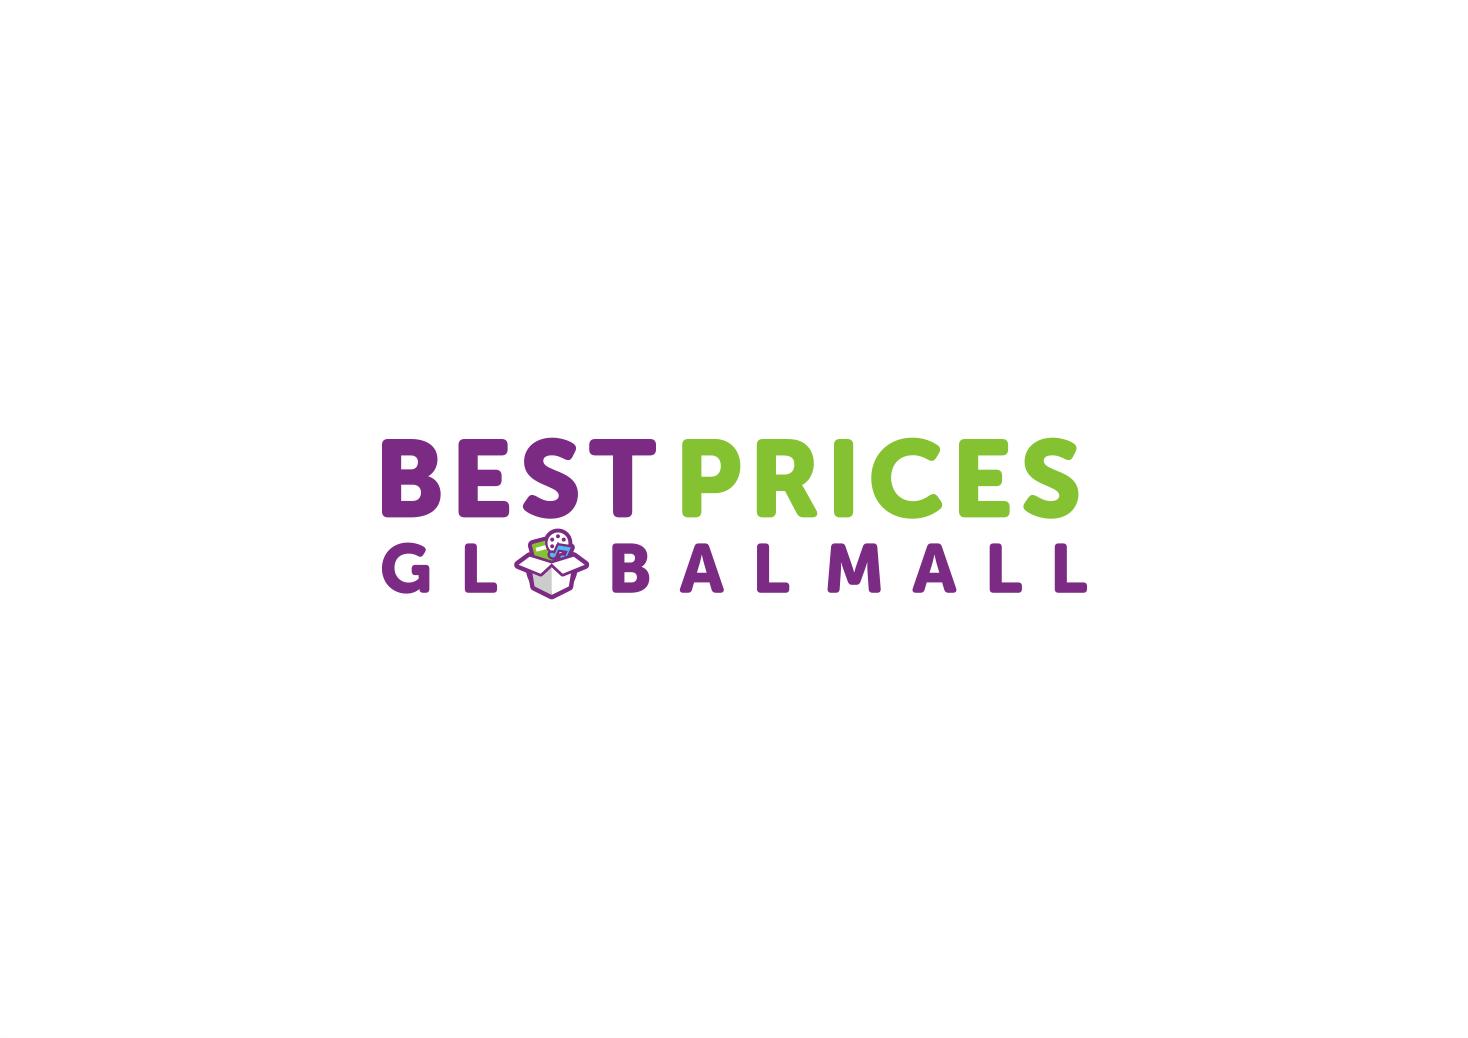 New Logo for Large eBay Seller